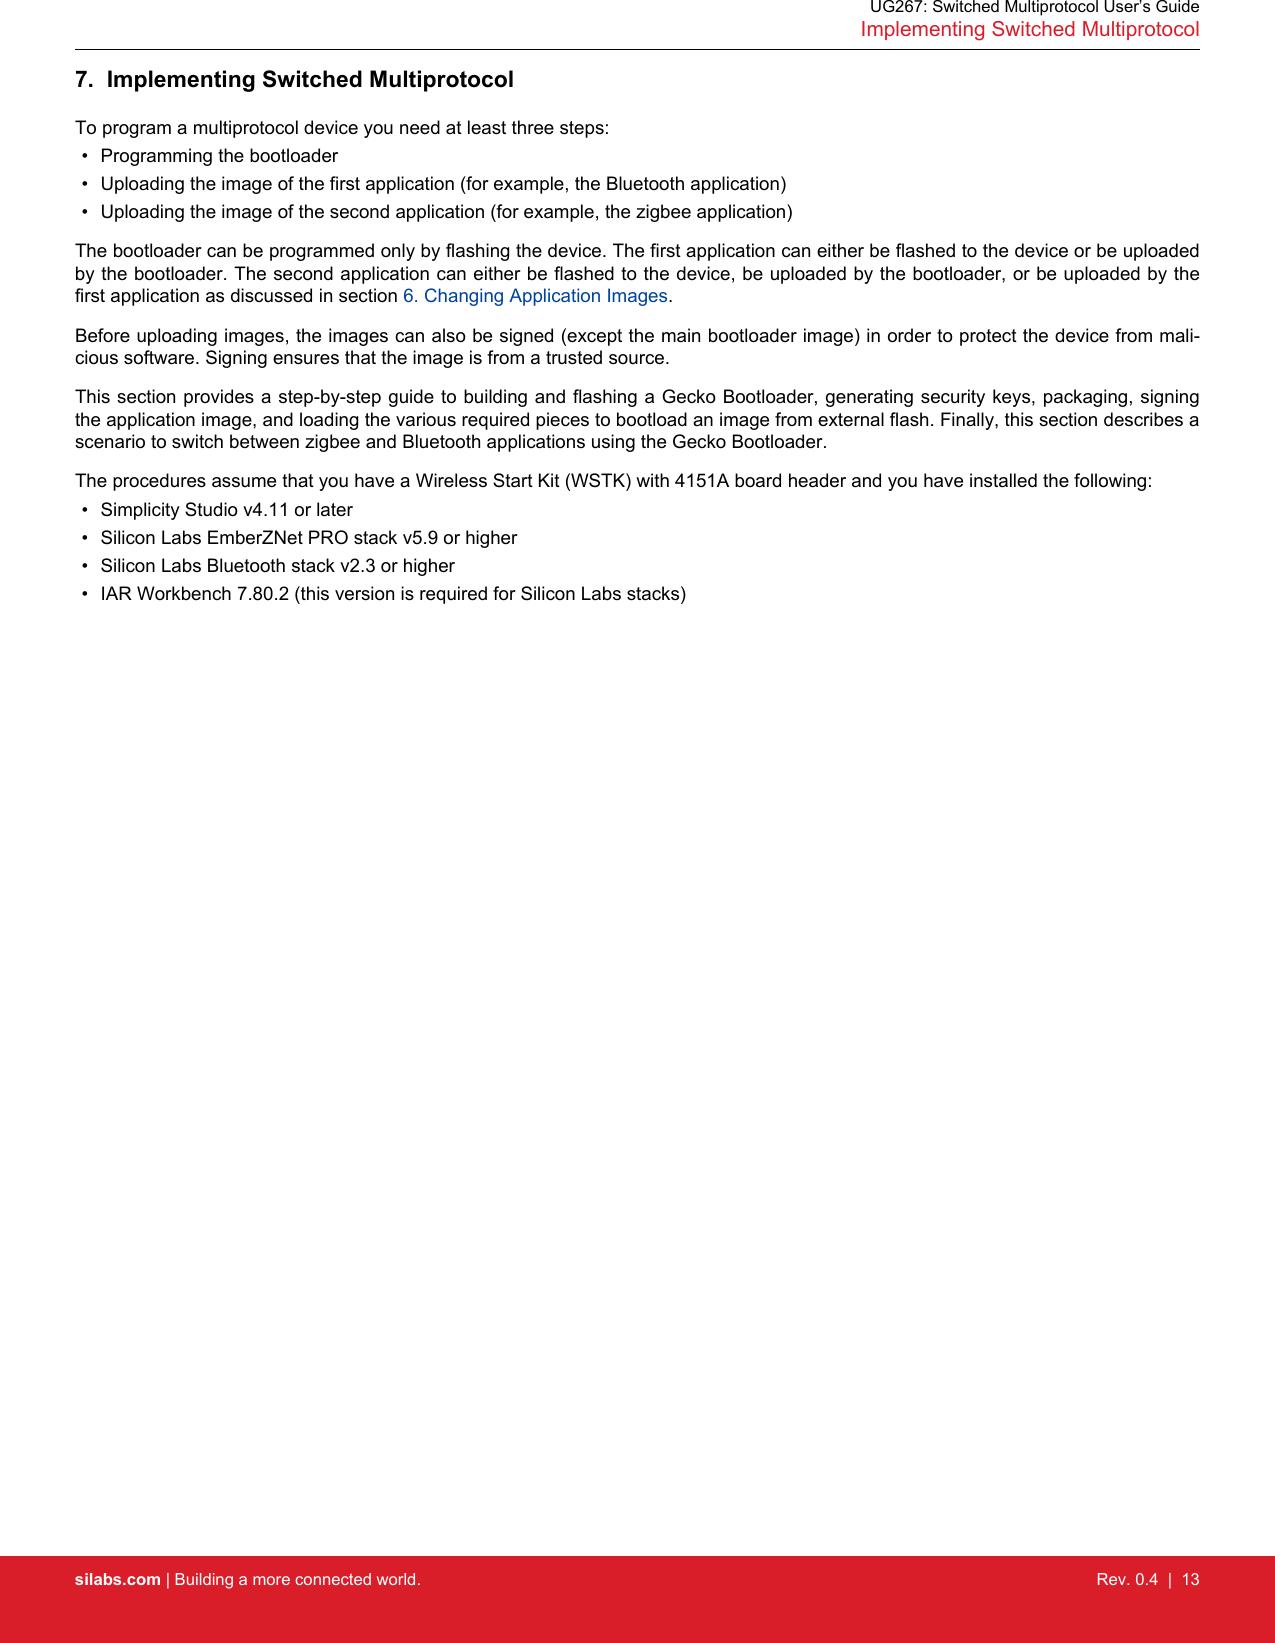 UG267: Switched Multiprotocol User's Guide Ug267 user